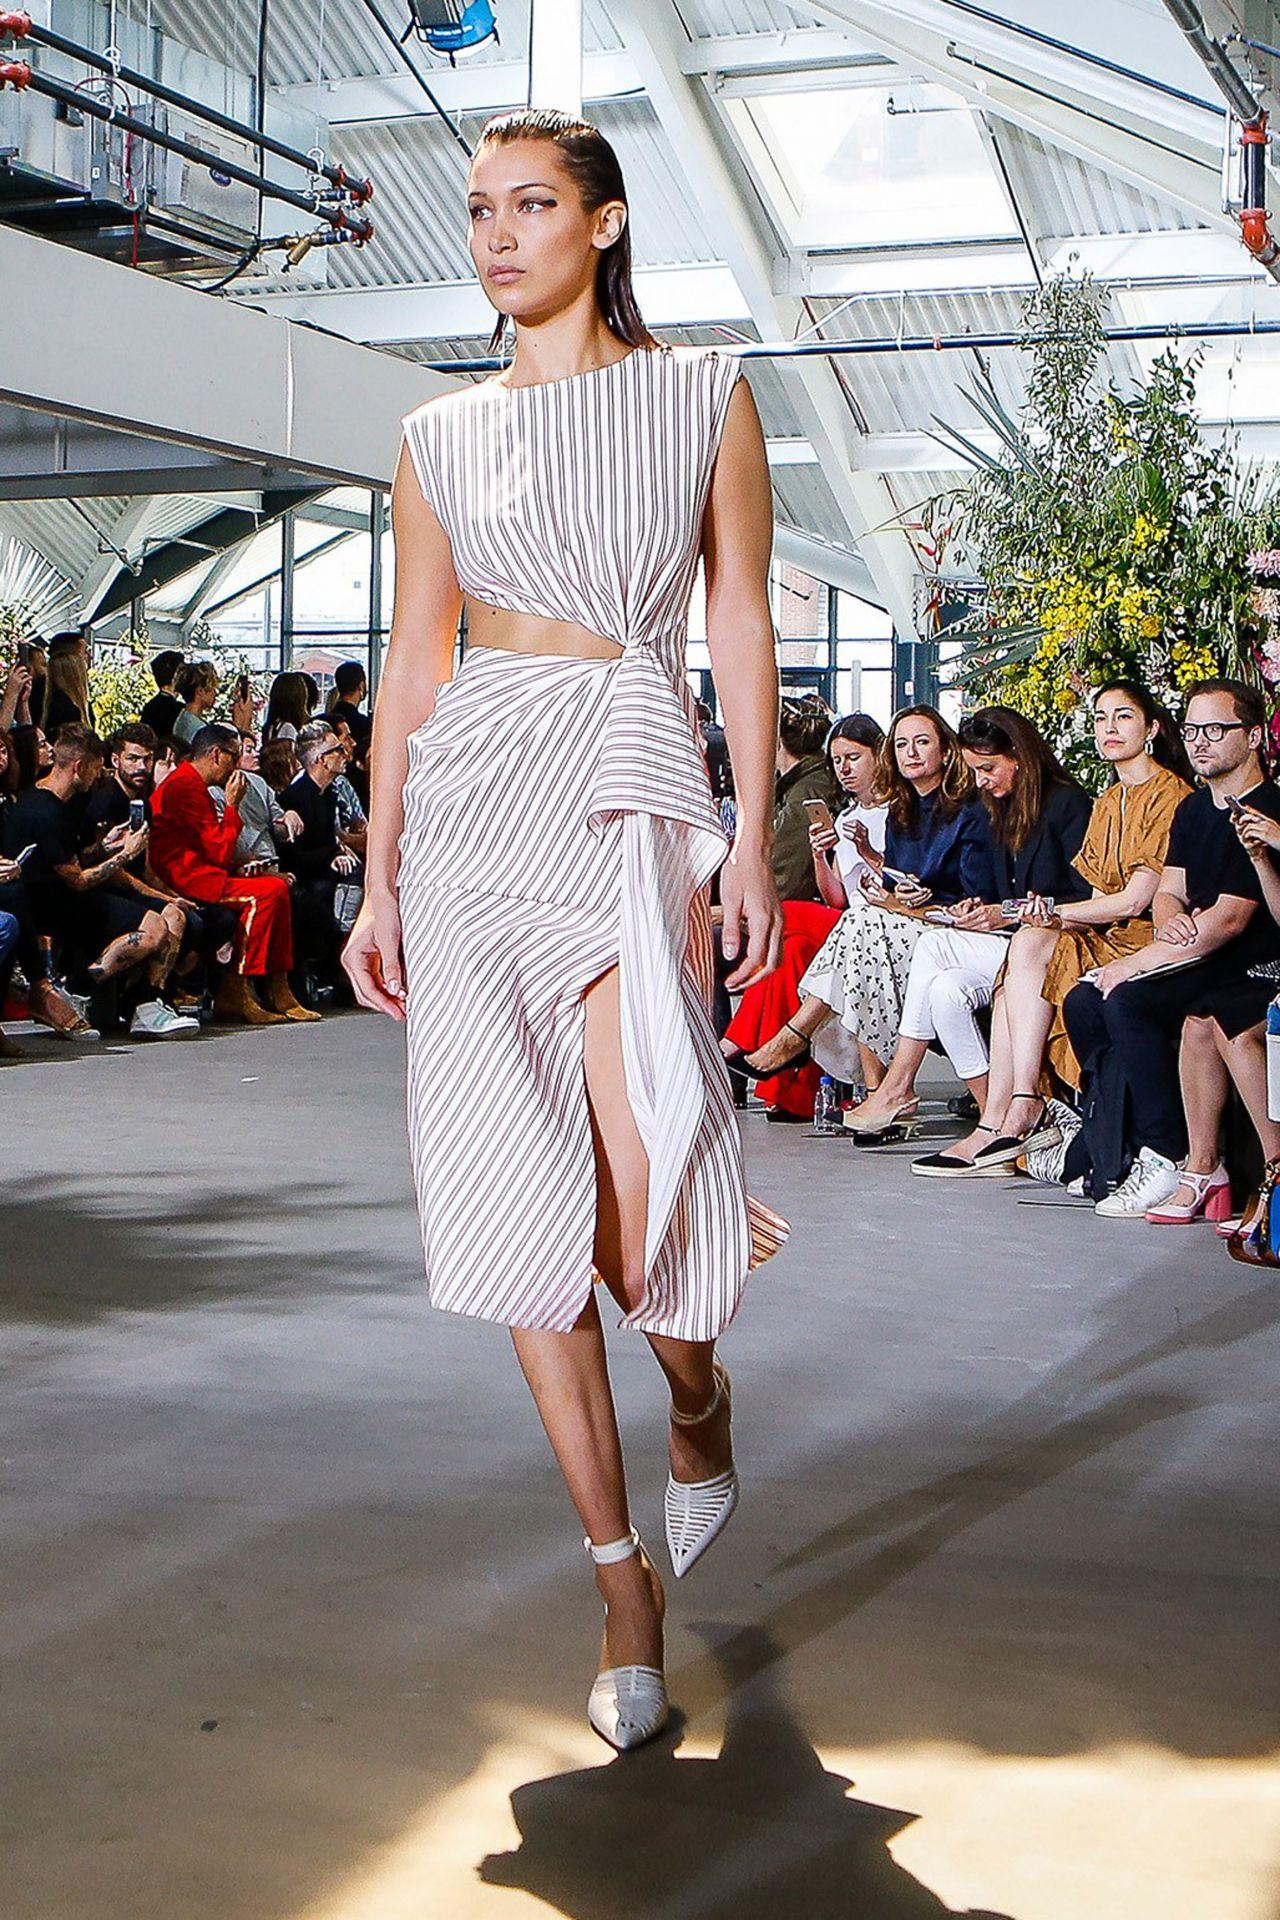 Bella Hadid - Walks the Runway for Jason Wu at NYFW in New York 09/08/2017